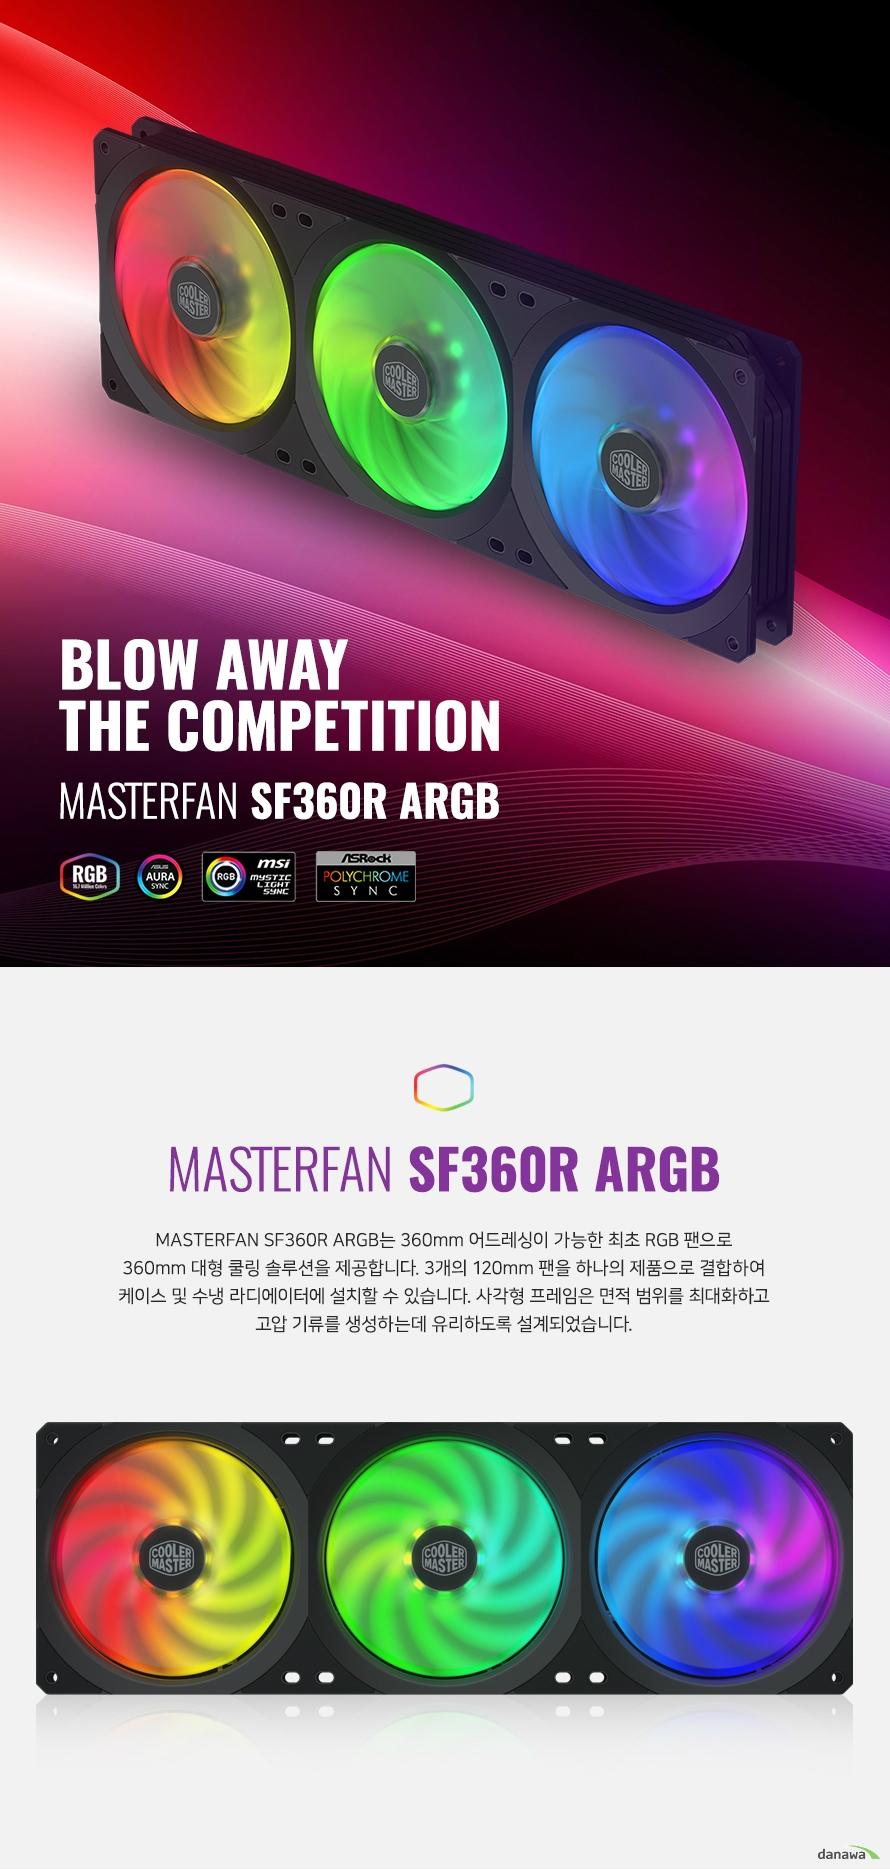 MASTERFAN SF360R ARGB는 360mm 어드레싱이 가능한 최초 RGB 팬으로 360mm 대형 쿨링 솔루션을 제공합니다. 3개의 120mm 팬을 하나의 제품으로 결합하여  케이스 및 수냉 라디에이터에 설치할 수 있습니다. 사각형 프레임은 면적 범위를 최대화하고  고압 기류를 생성하는데 유리하도록 설계되었습니다.  쿨링 팬의 바디를 견고한 소재로 제작하여 오랫동안 안정적으로 사용할 수 있습니다. 진동 및 소음을 흡수해주는 고무 패드로 저소음 환경을 유지합니다.  각 LED 램프가 독립적으로 다른 컬러로 작동하여 여러 컬러를 혼합 발산합니다.  아우라처럼 영롱하고 신비한 느낌을 선사해주어 격이 다른 LED 커스텀을 구현할 수 있습니다.